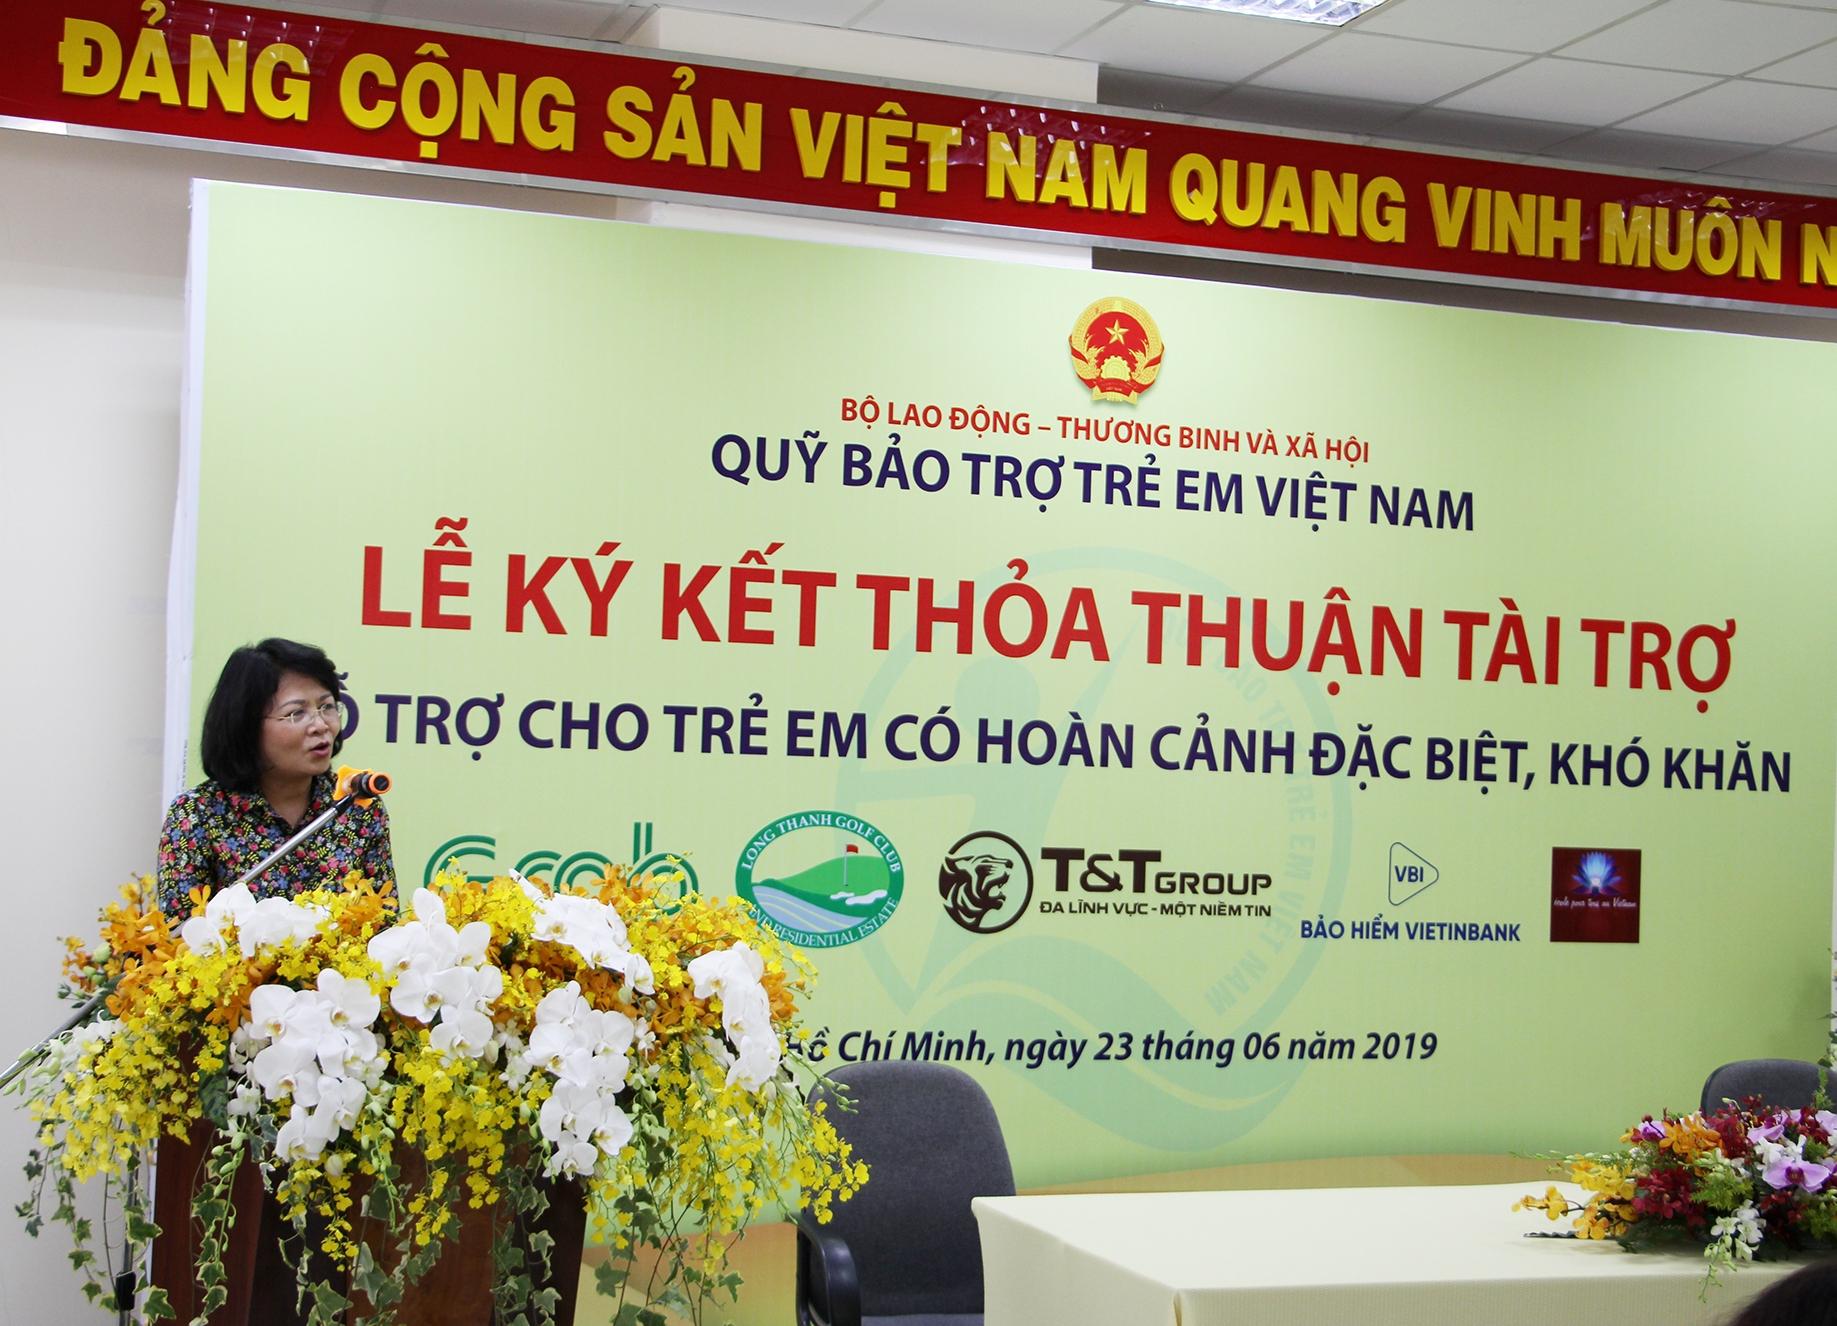 Bà Nguyễn Thị Ngọc Thịnh- Phó Chủ tịch nước, Chủ tịch Hội đồng Bảo trợ Quỹ trẻ em Việt Nam- phát biểu tại Lễ khai mạc Giải bóng đá trẻ em có hoàn cảnh khó khăn